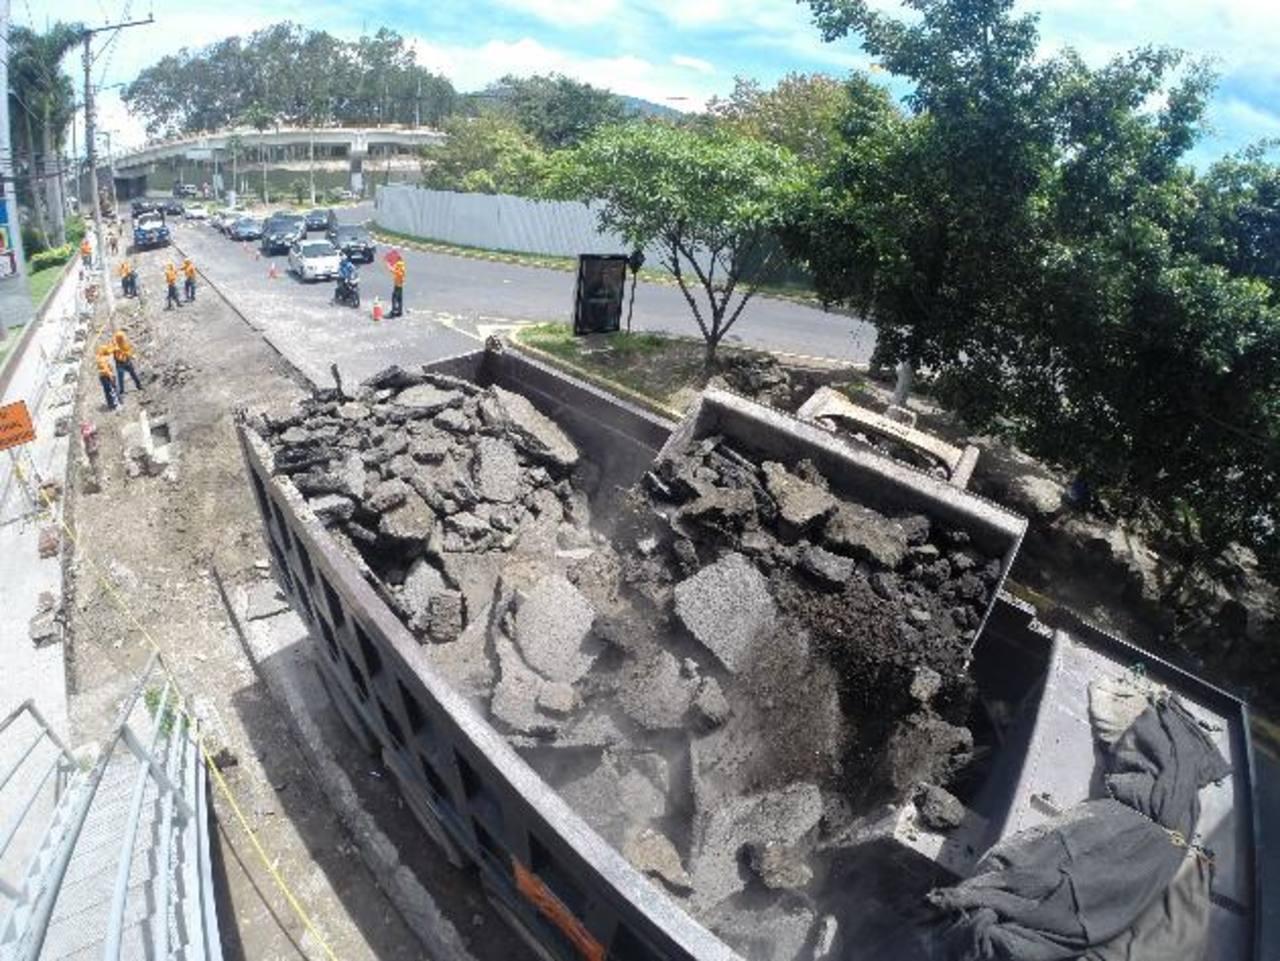 Cuadrillas de trabajadores retiran la carpeta asfáltica en el área donde se desarrolla el proyecto. Foto EDH / Mauricio castro